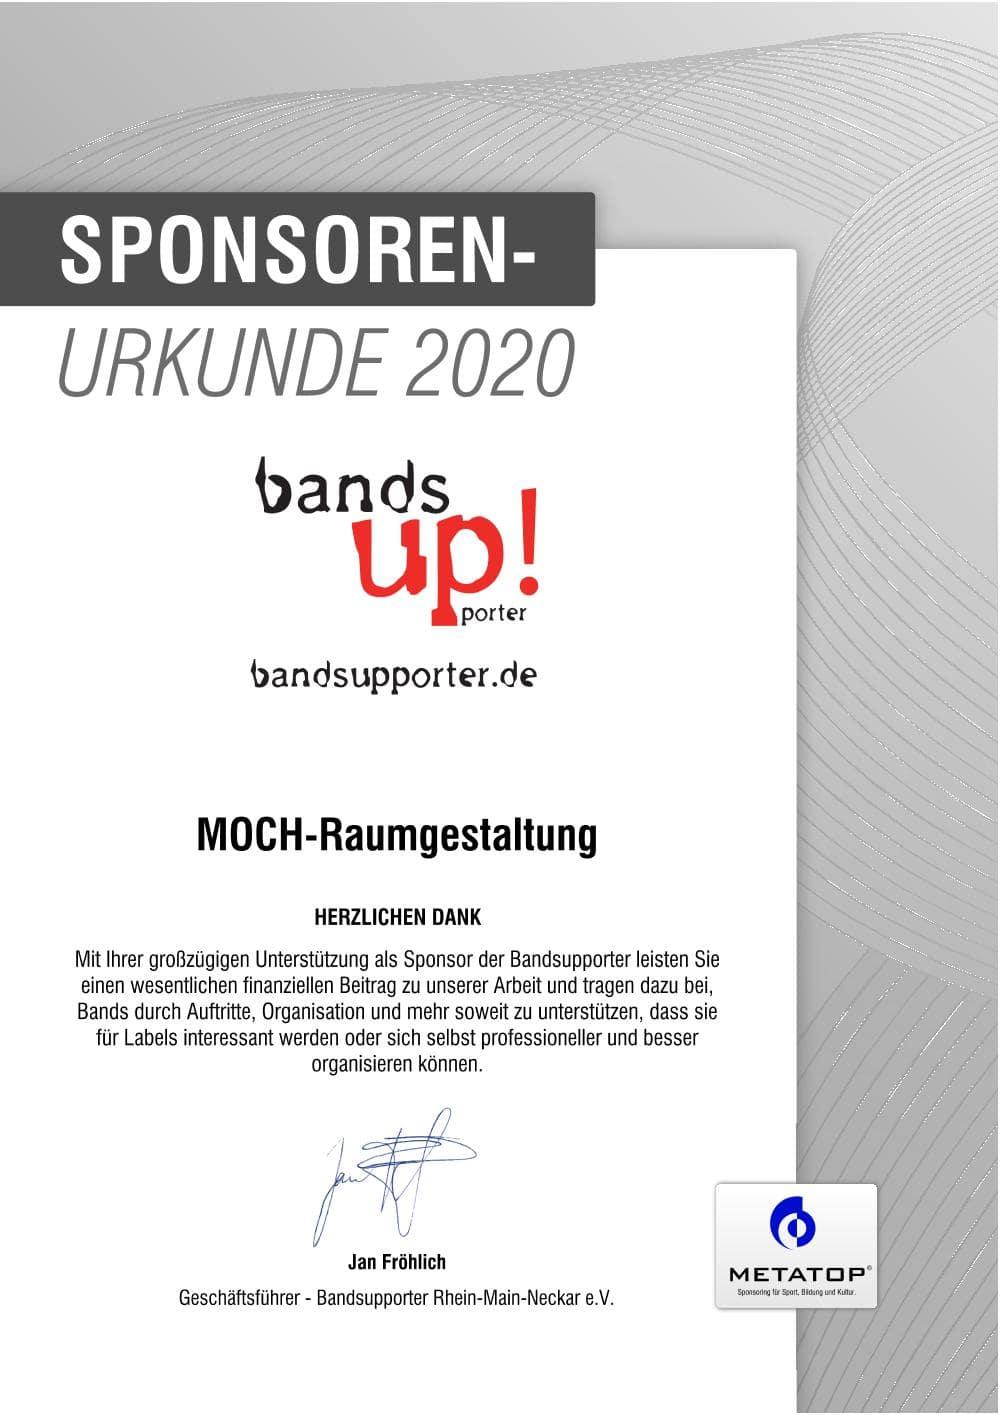 MOCH-Raumgestaltung_Bands_up_2020_Urkunde